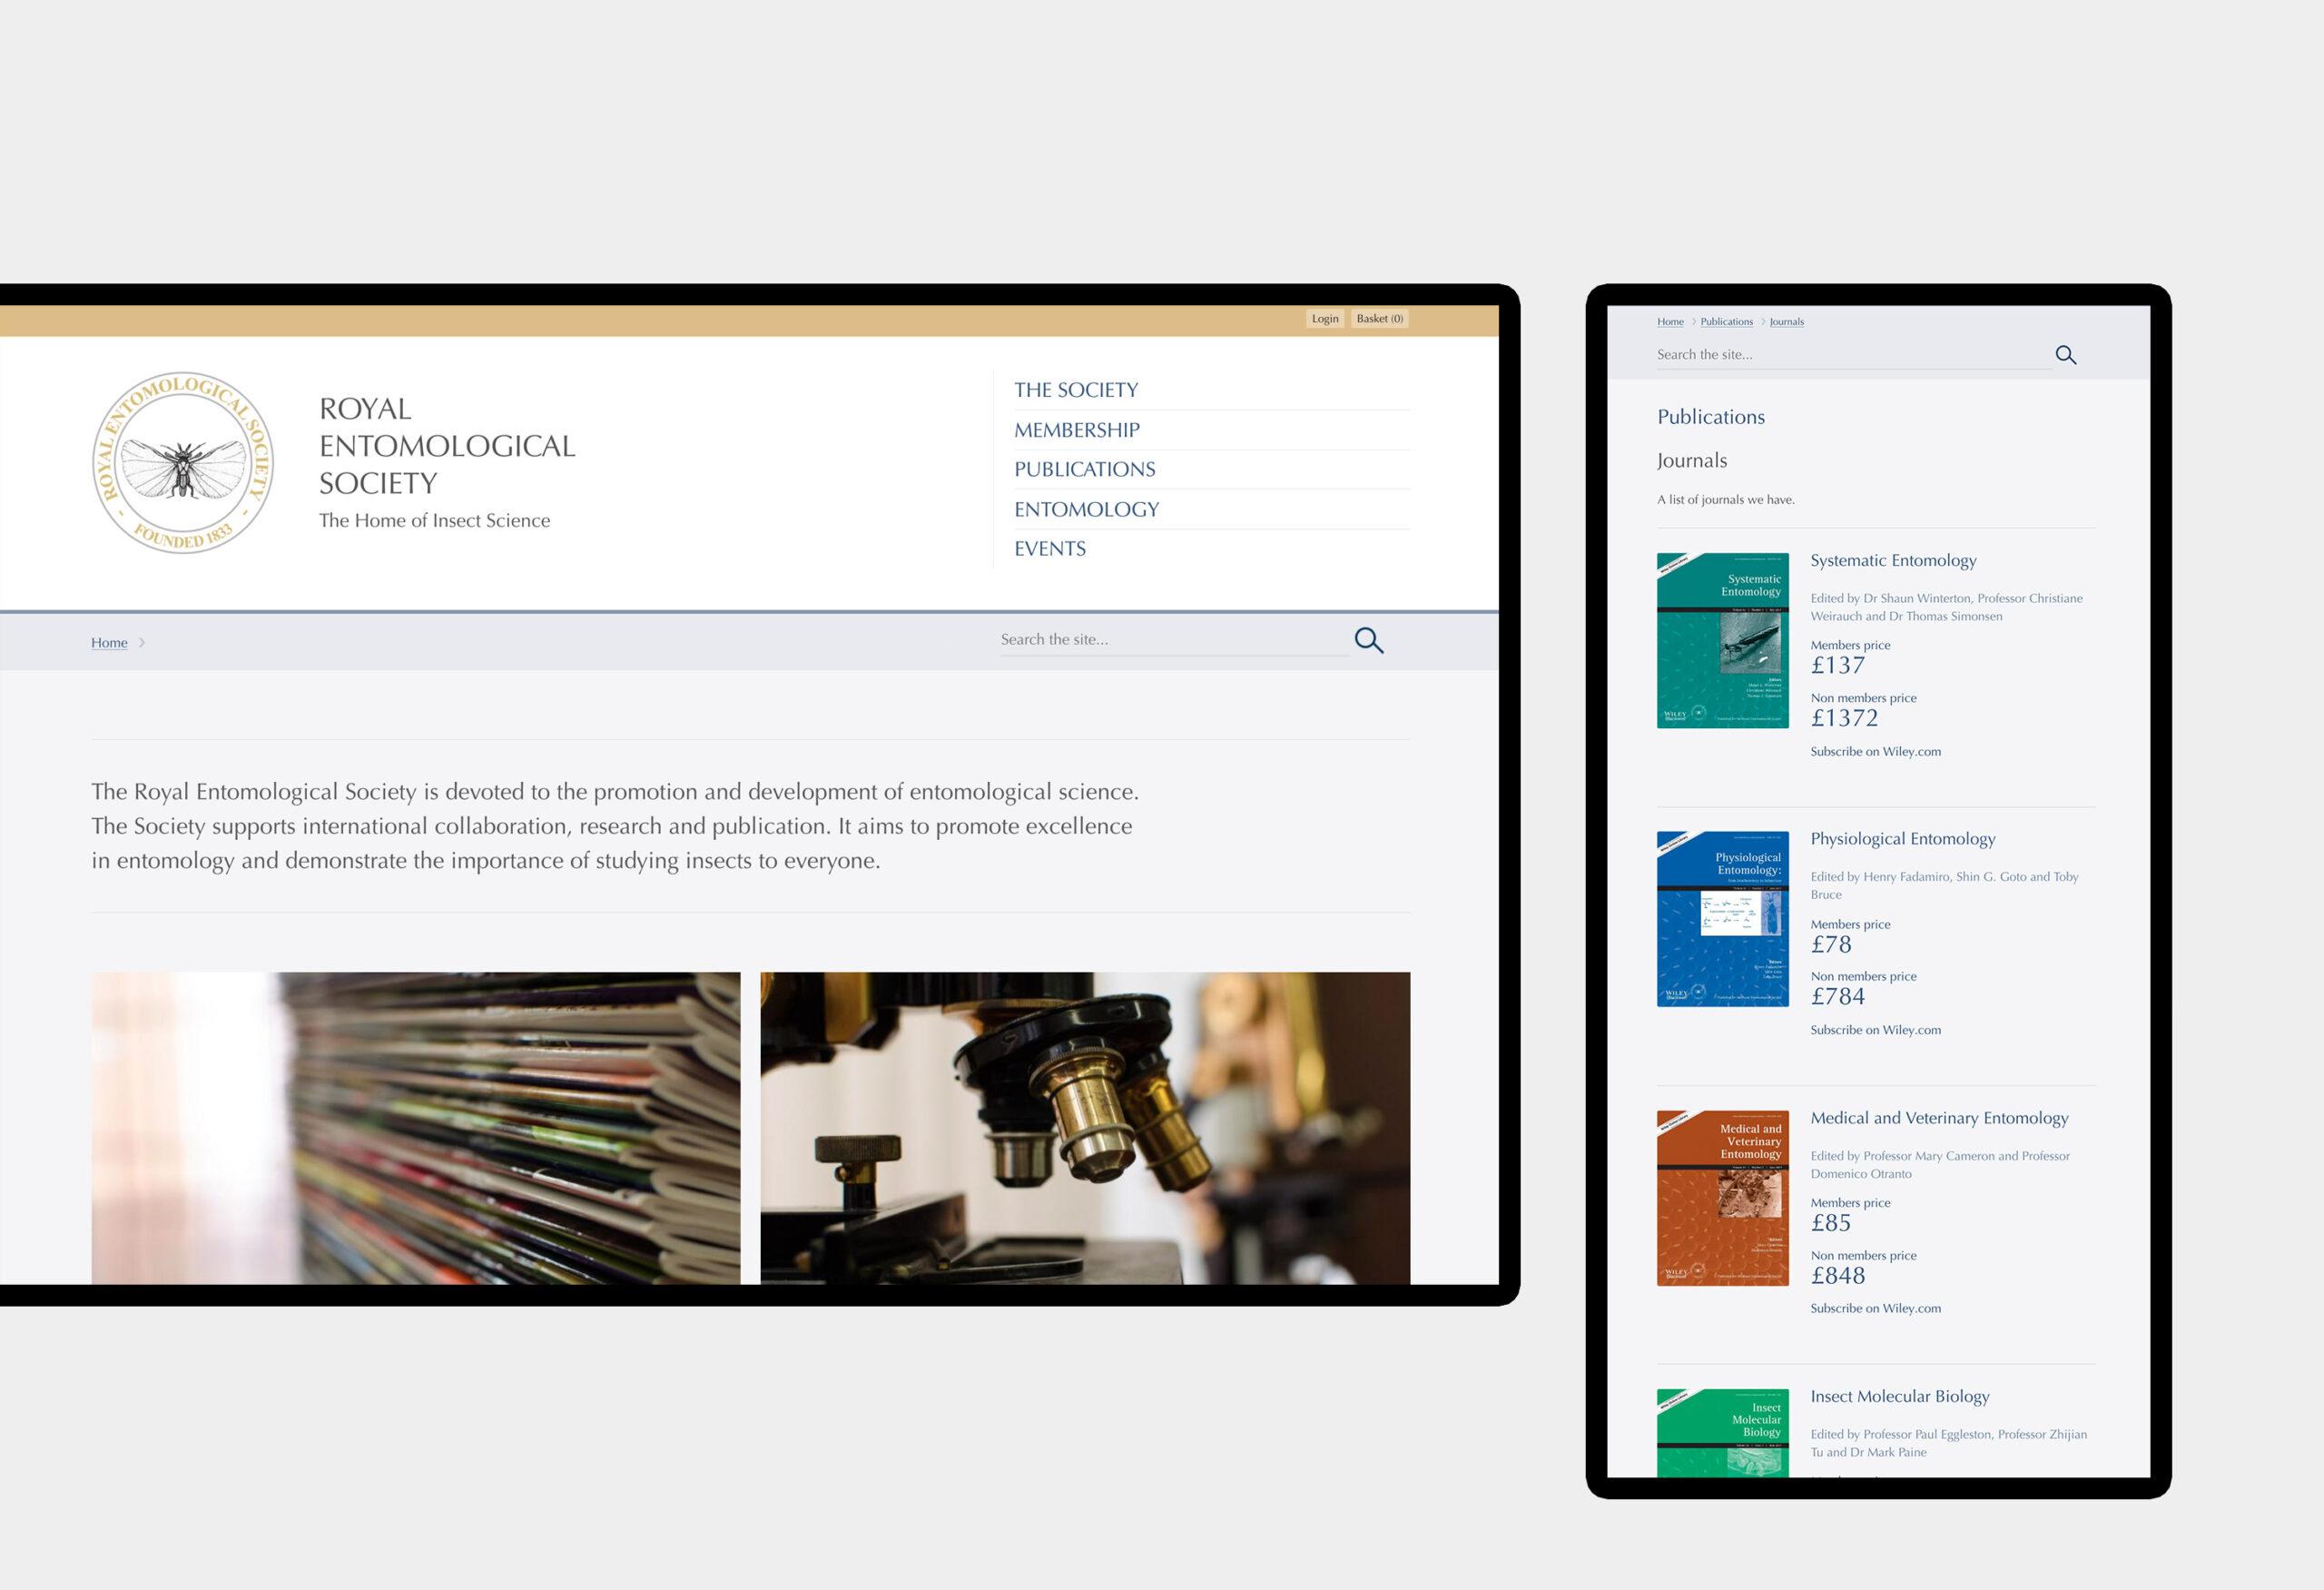 Royal Entomological Society - website design